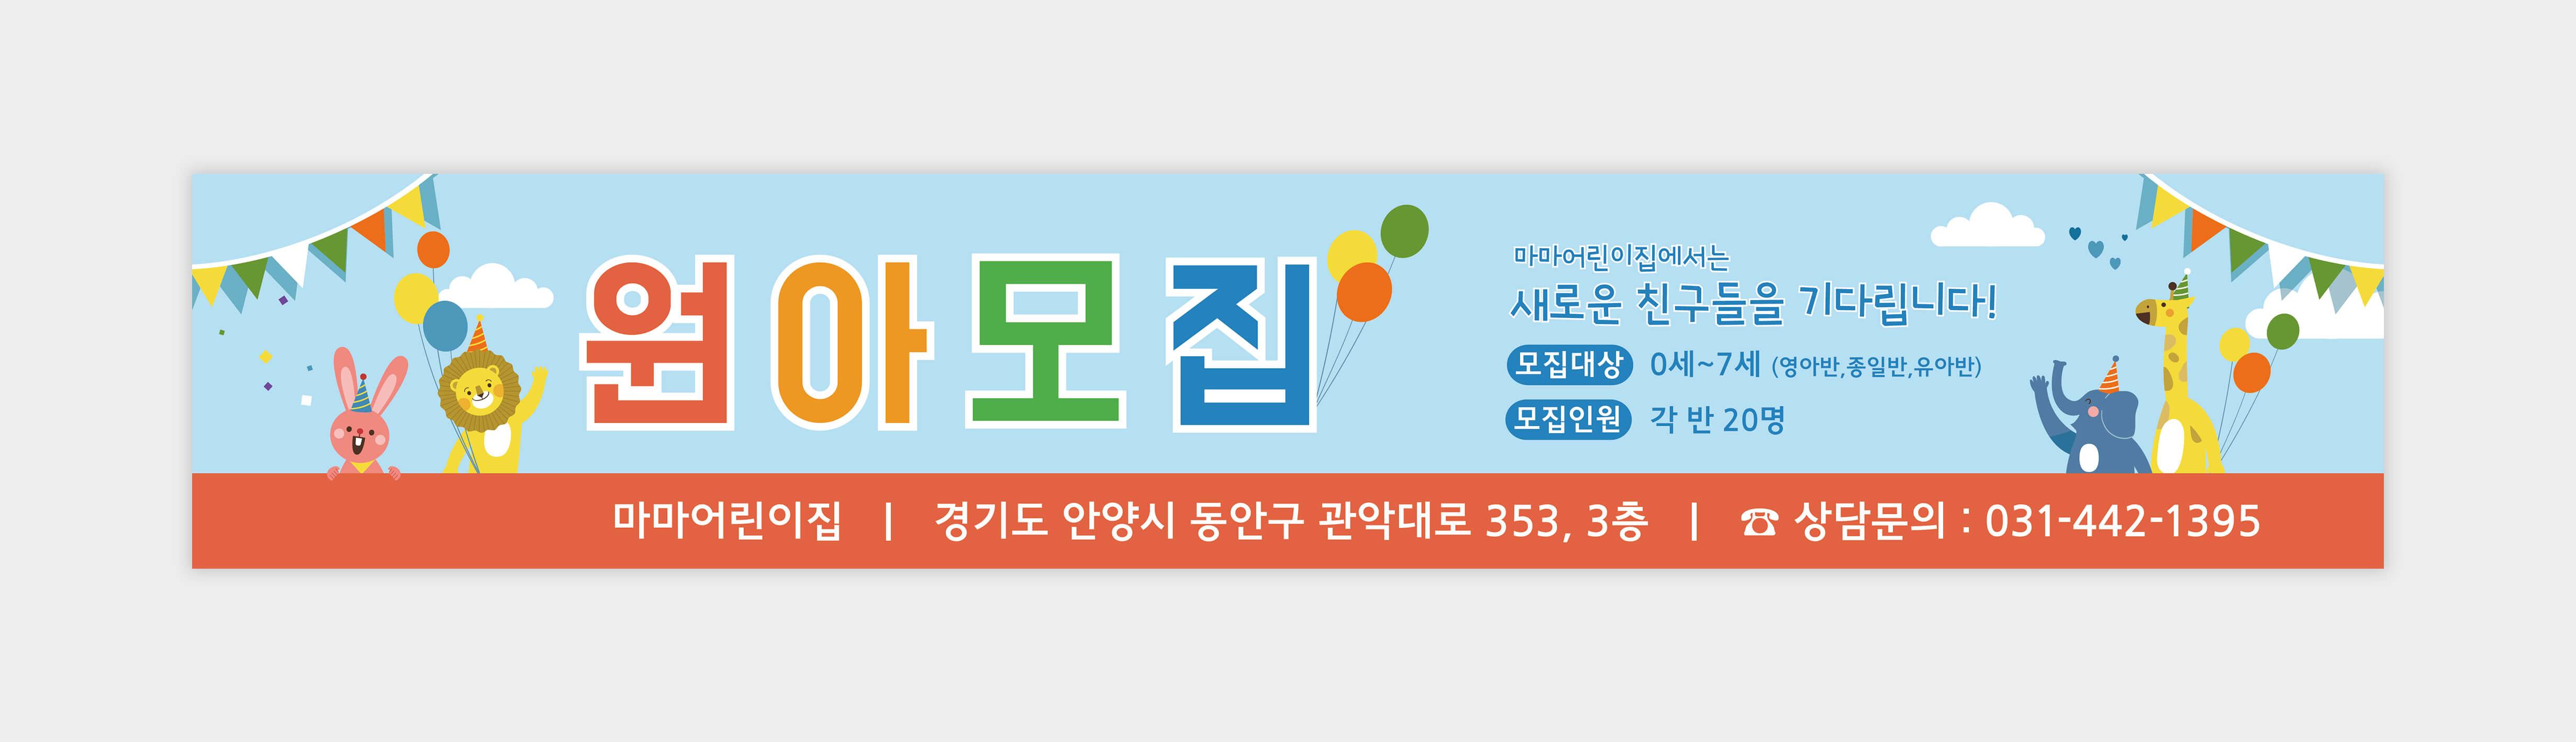 현수막_032